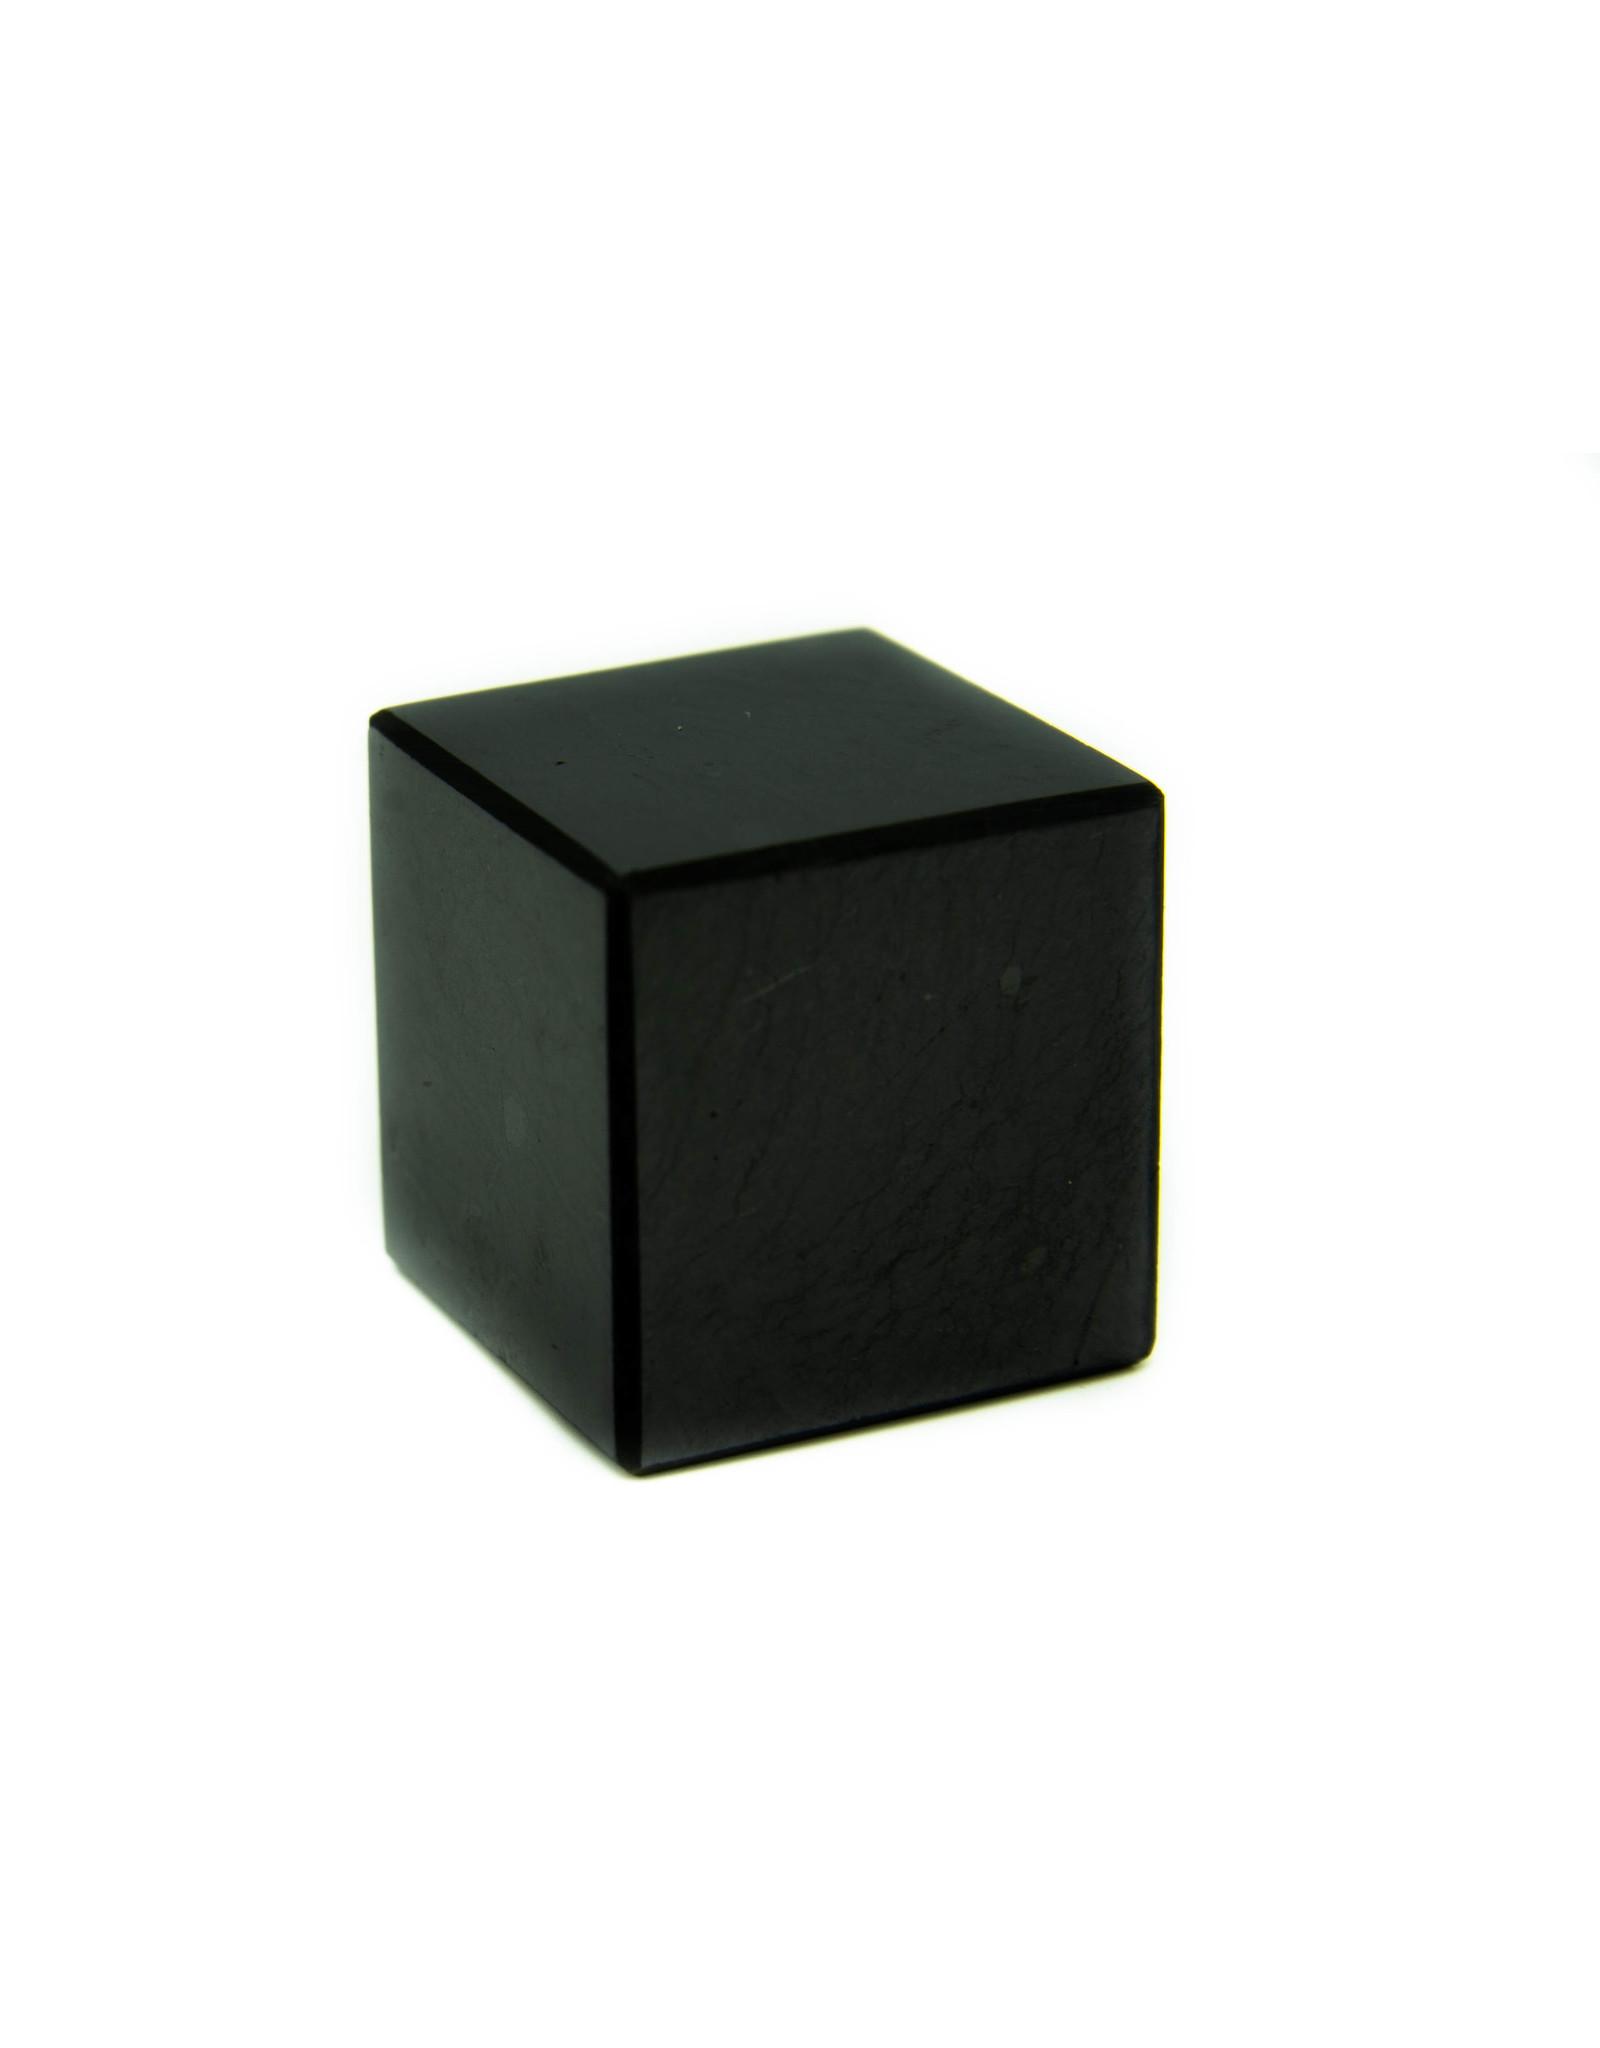 Cube Shungite 3cm